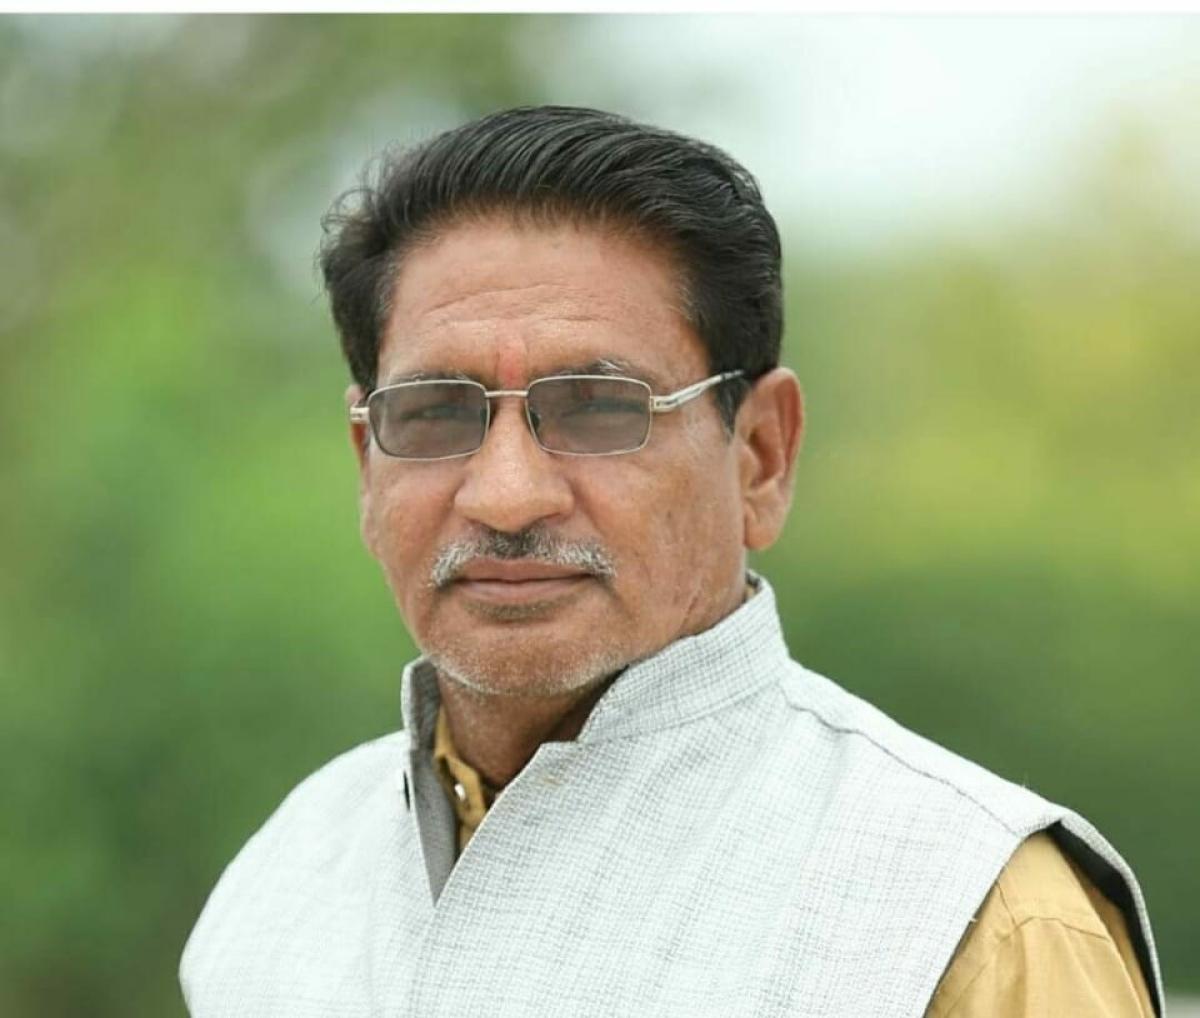 Swaroop Singh Tomar